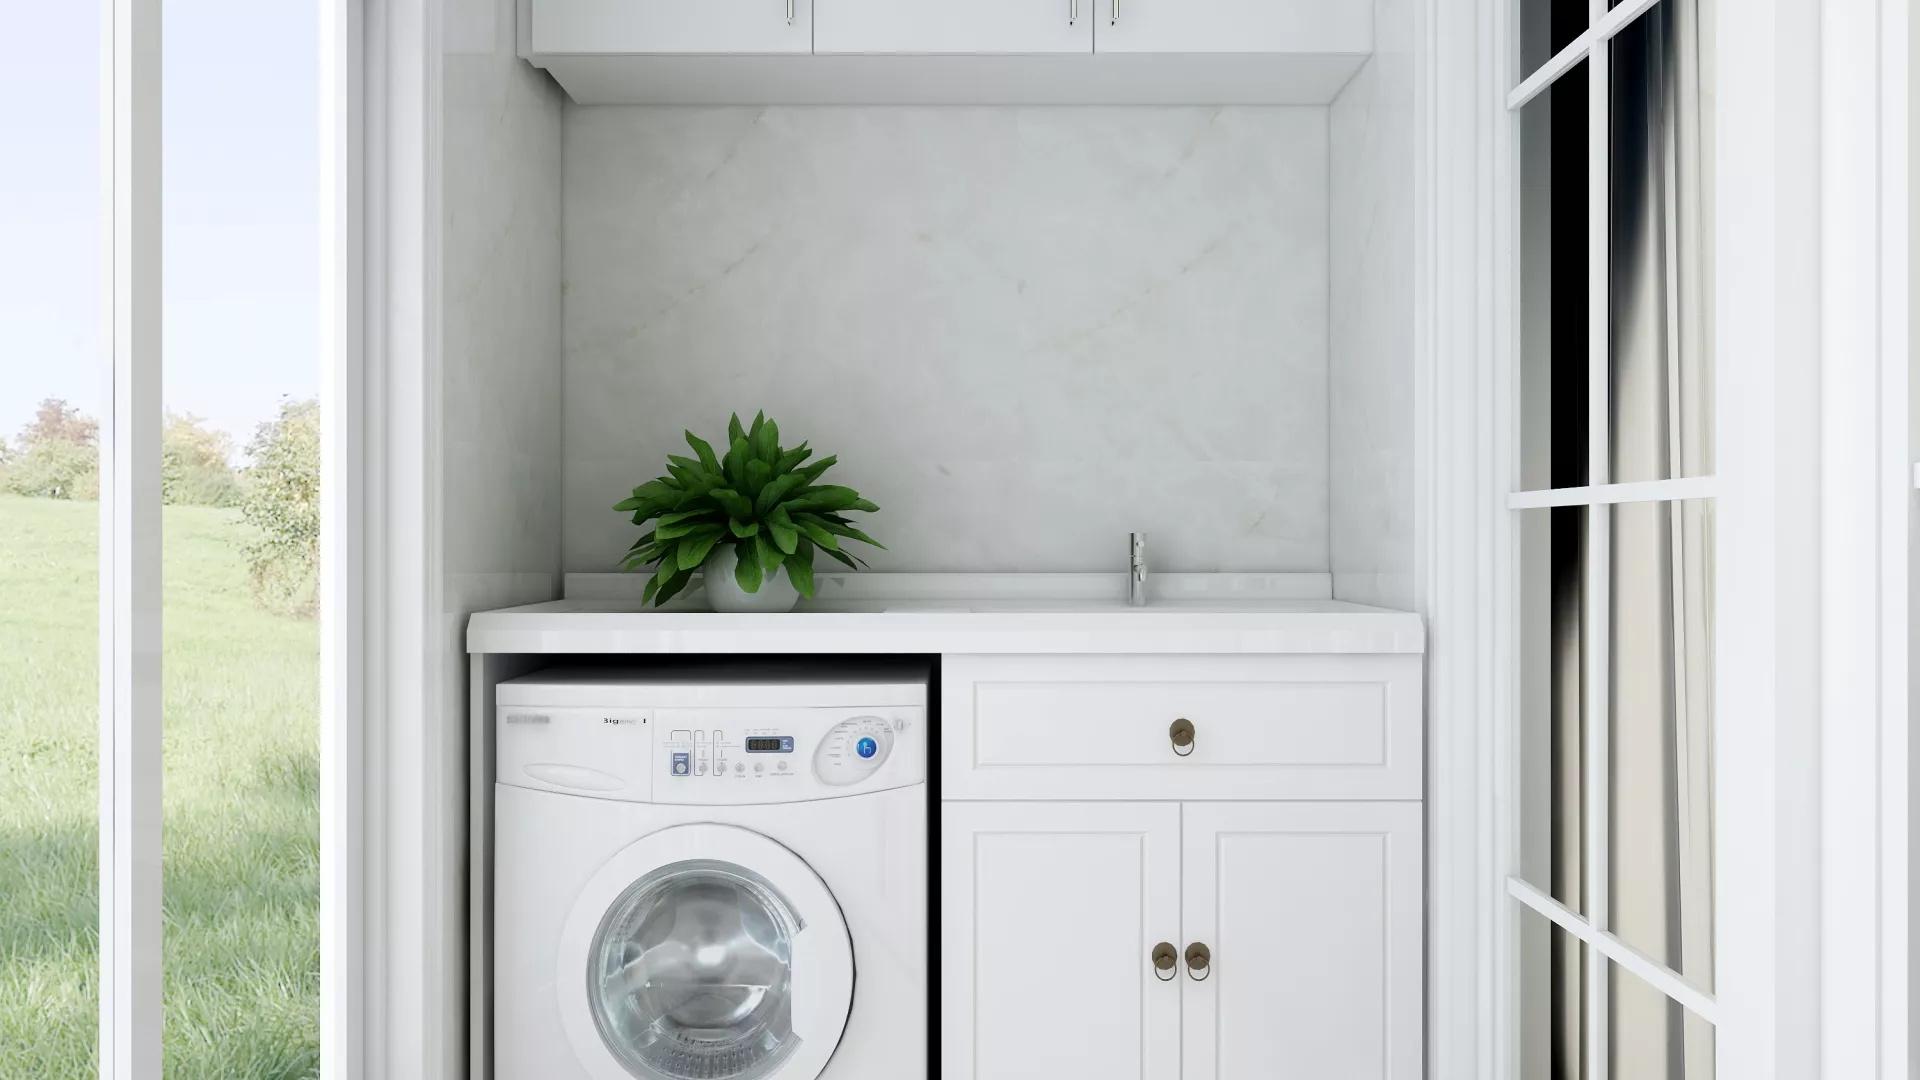 70㎡简约时尚绿植搭配客厅设计效果图